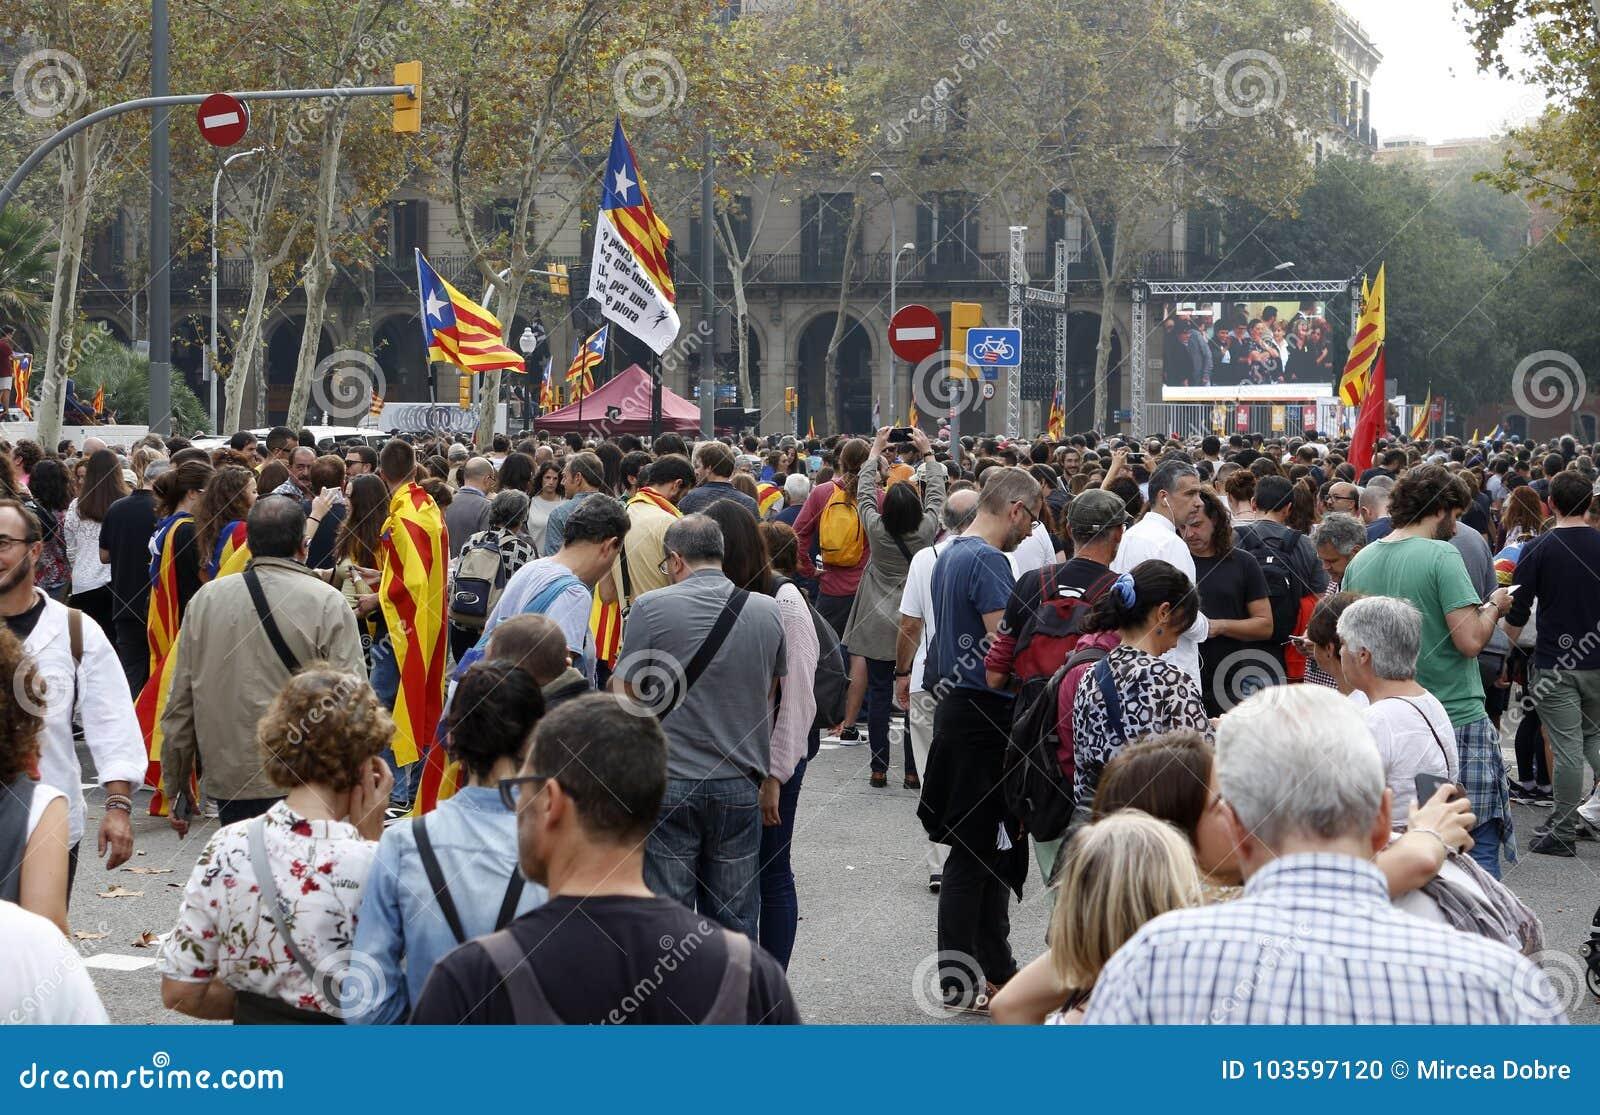 Barcelona, Katalonien, Spanien, am 27. Oktober 2017: Leute feiern Abstimmung, um Unabhängigkeit von Catalunya nahe Parc Ciutadell